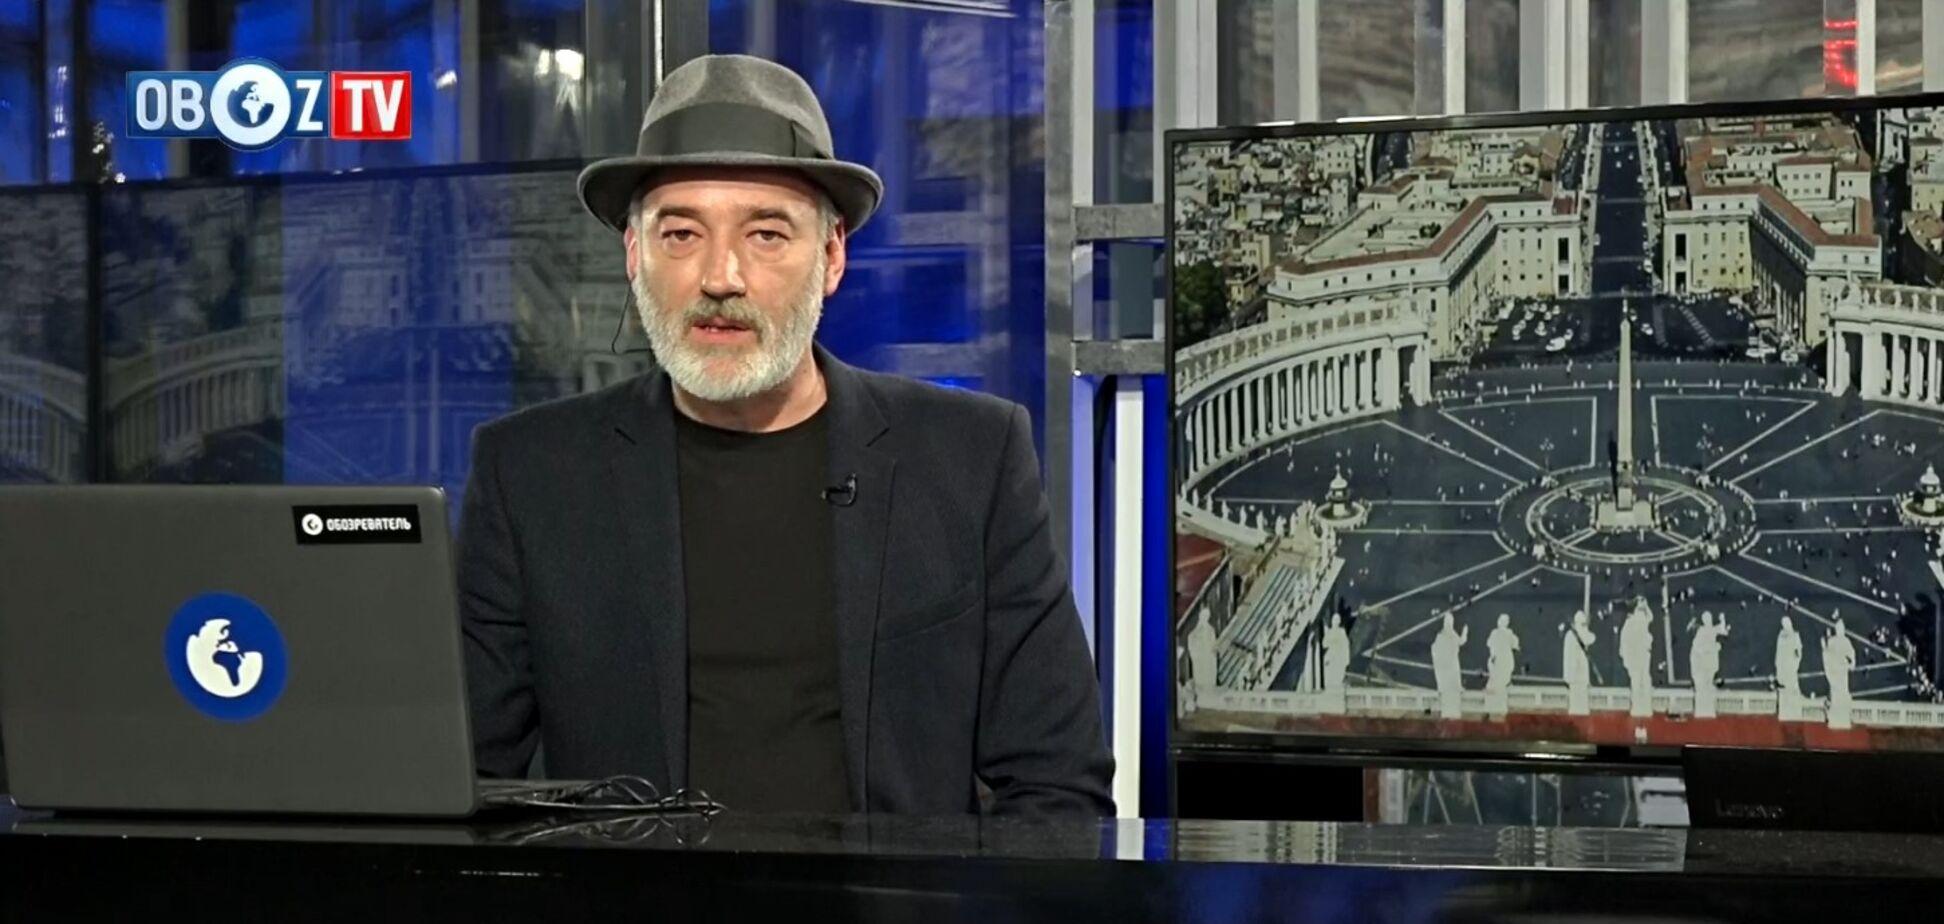 Коронавирус в Ватикане: заражены новые страны